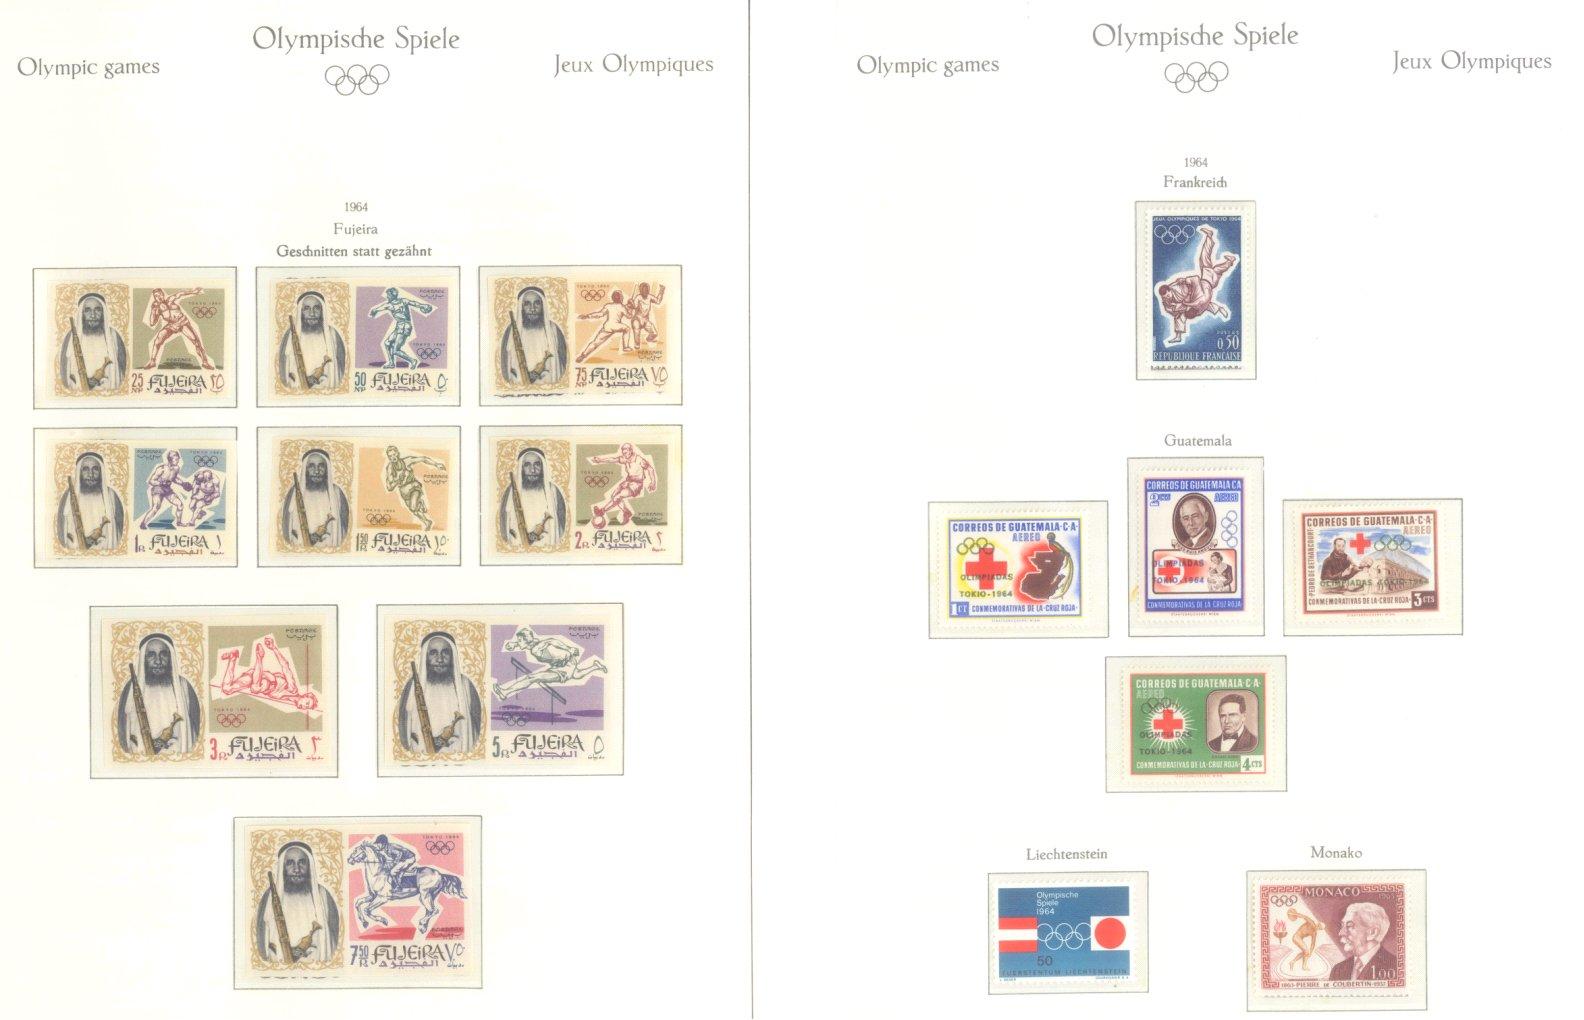 OLYMPISCHE SPIELE 1964 TOKIO, postfrische Sammlung Teil 1-13